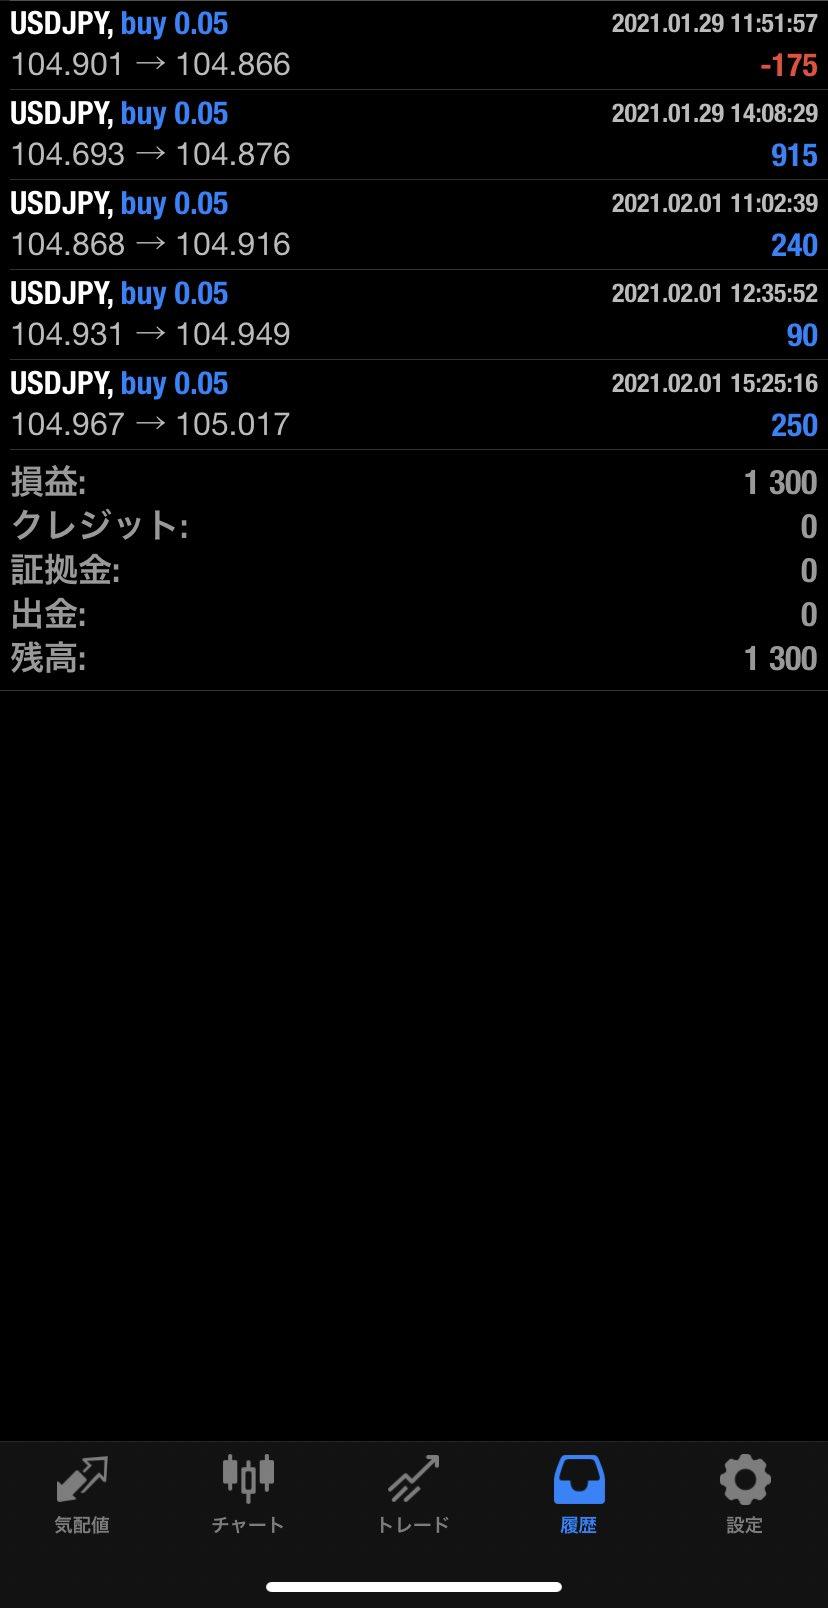 2021年2月1日 USD/JPYバージョン1,300円